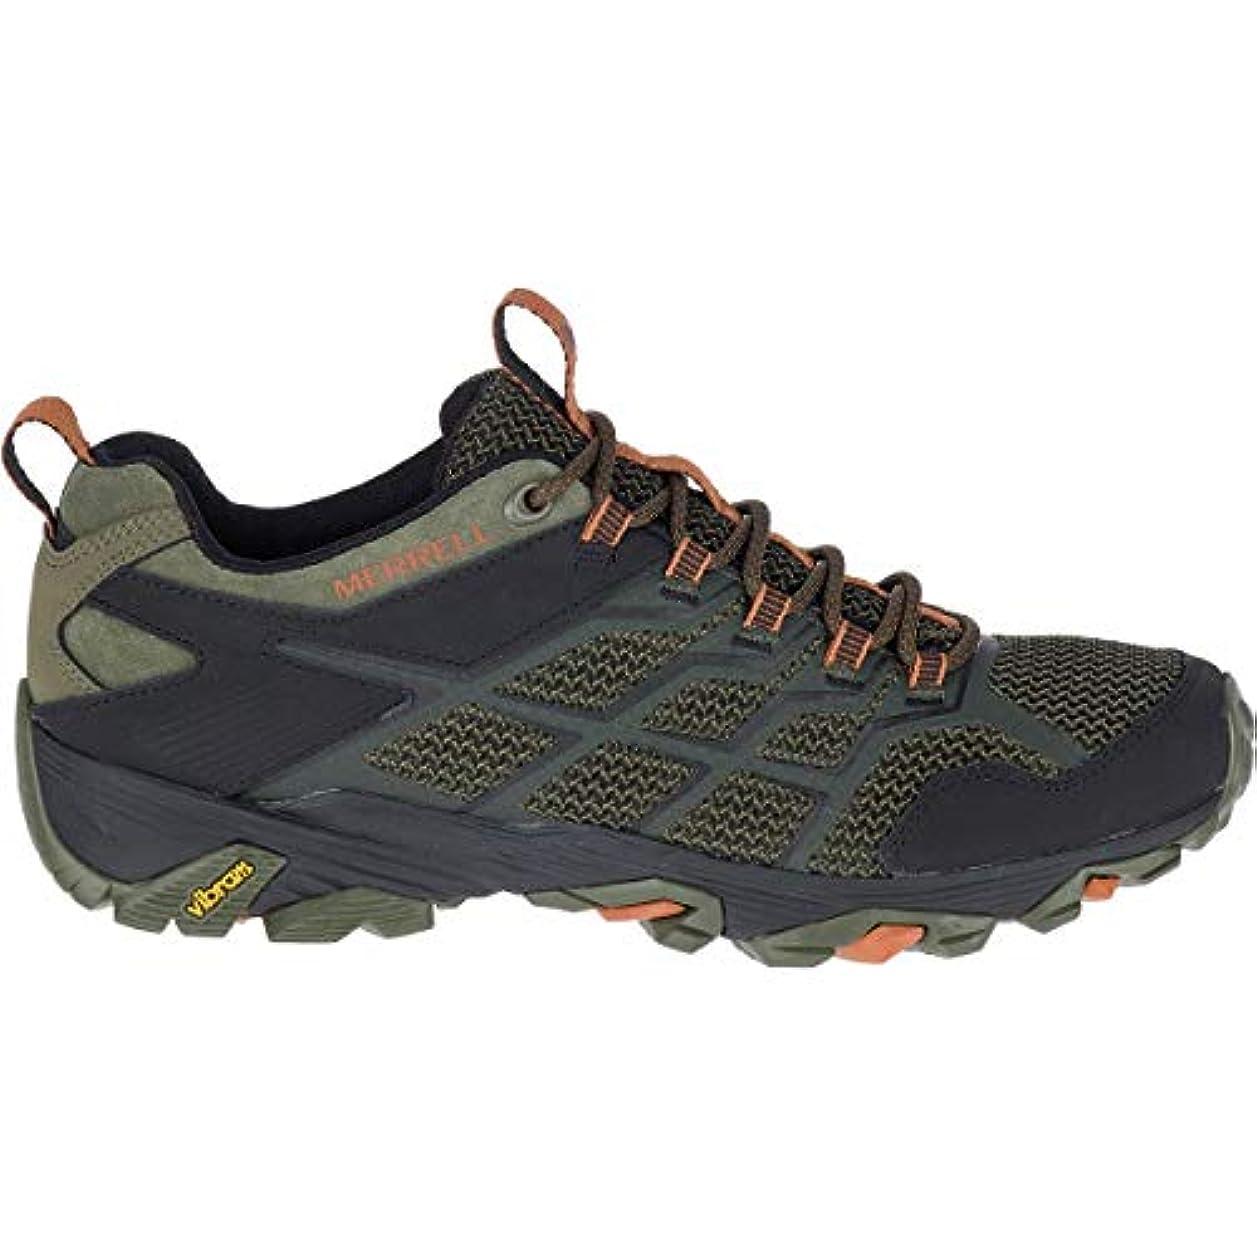 集団的条約びっくりした[メレル] メンズ ハイキング Moab FST 2 Hiking Shoe [並行輸入品]